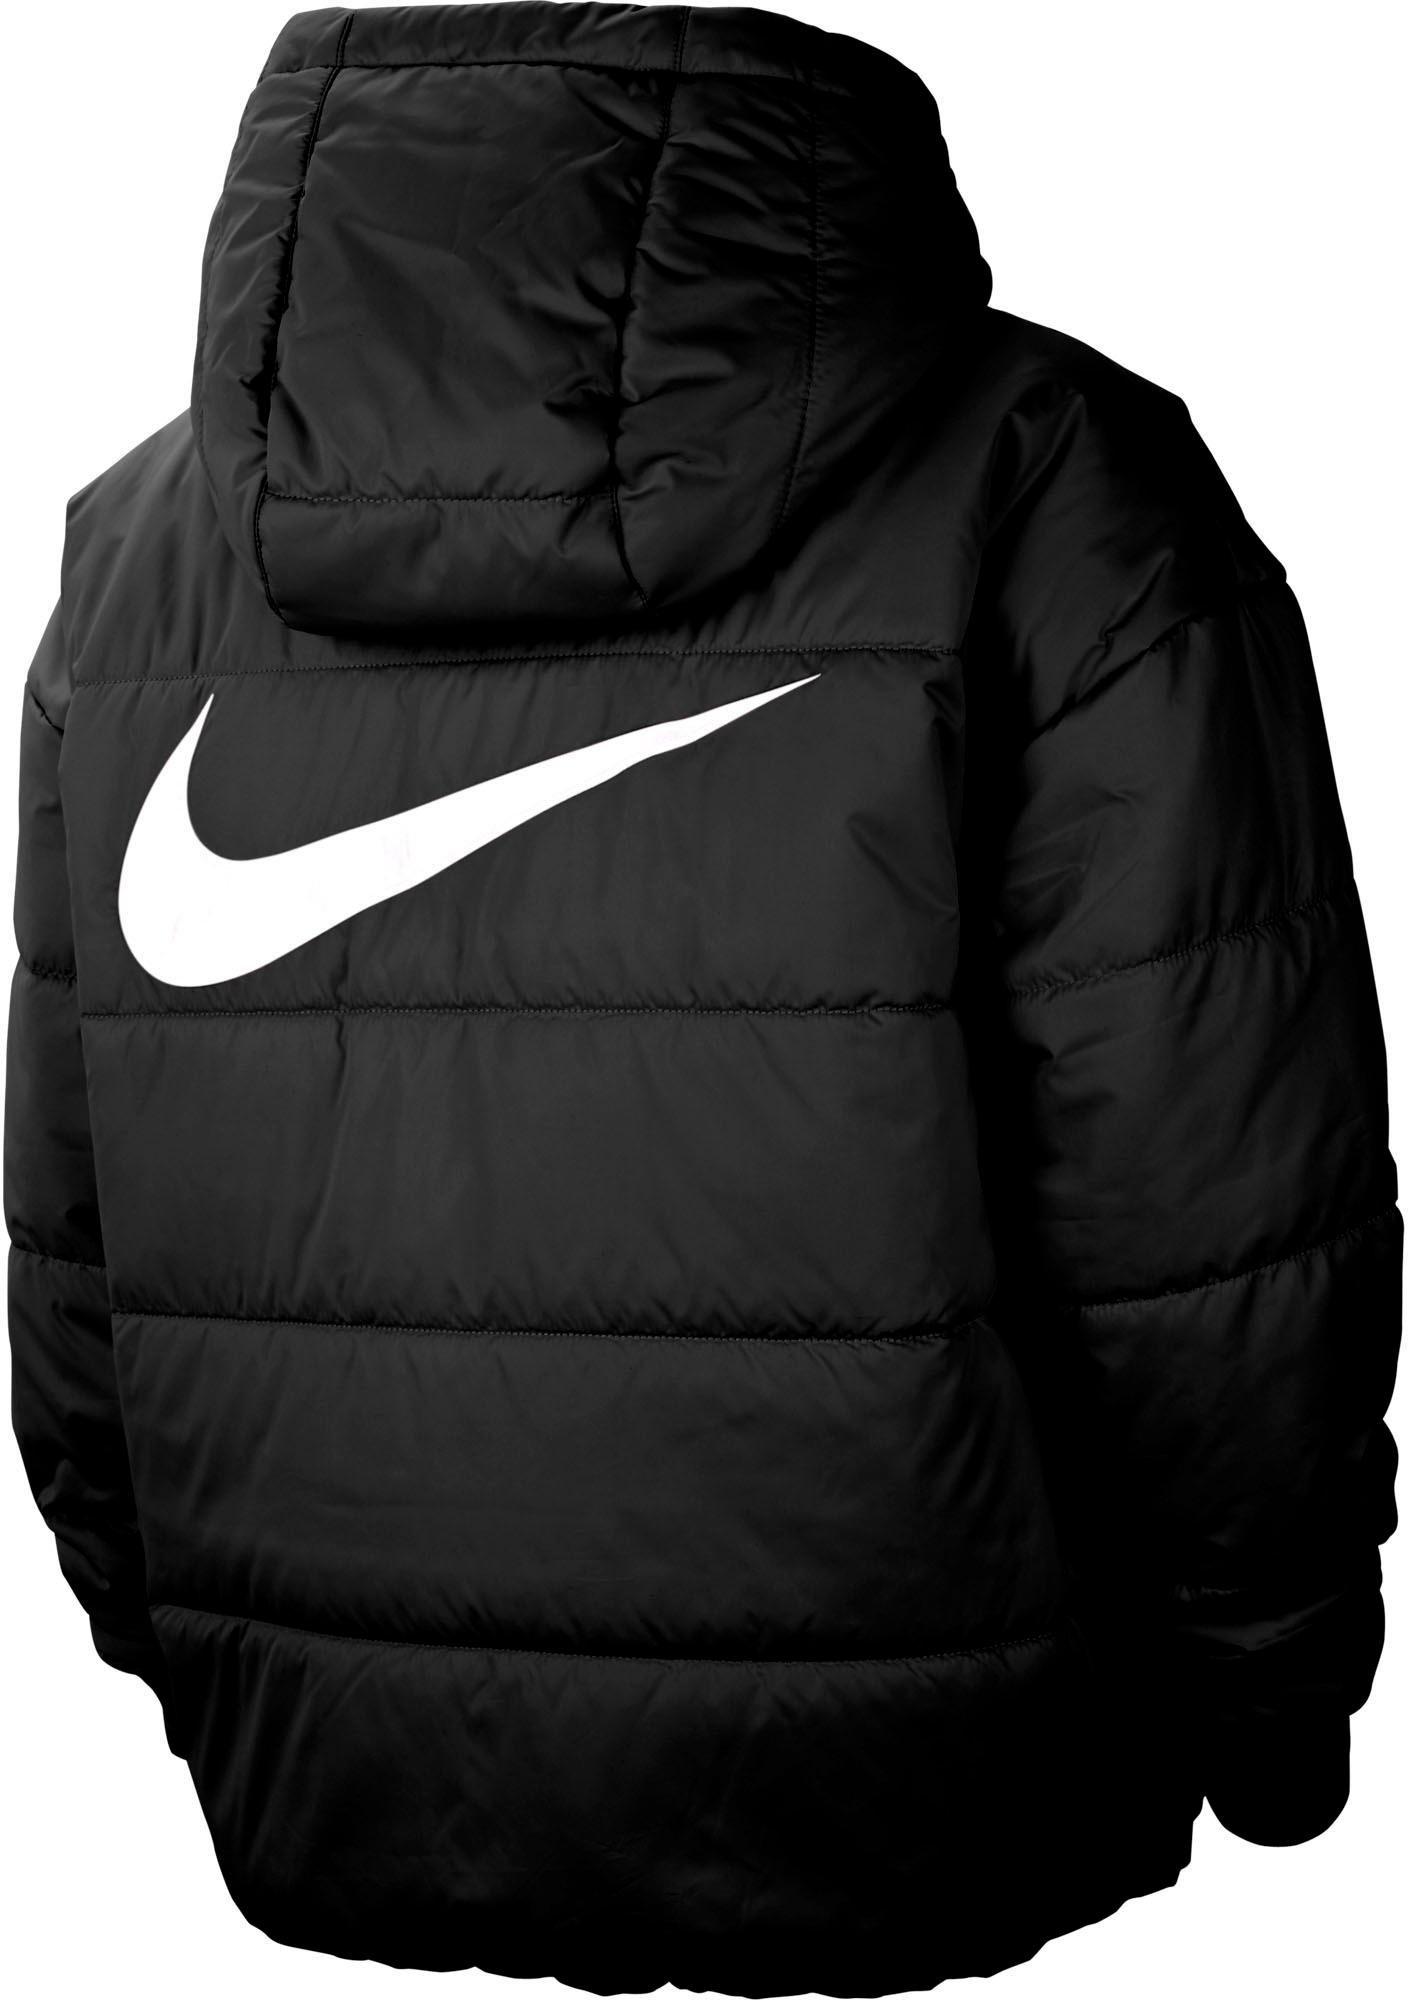 Nike winterjack »Core Syn Jaket Women's Jacket« nu online kopen bij OTTO